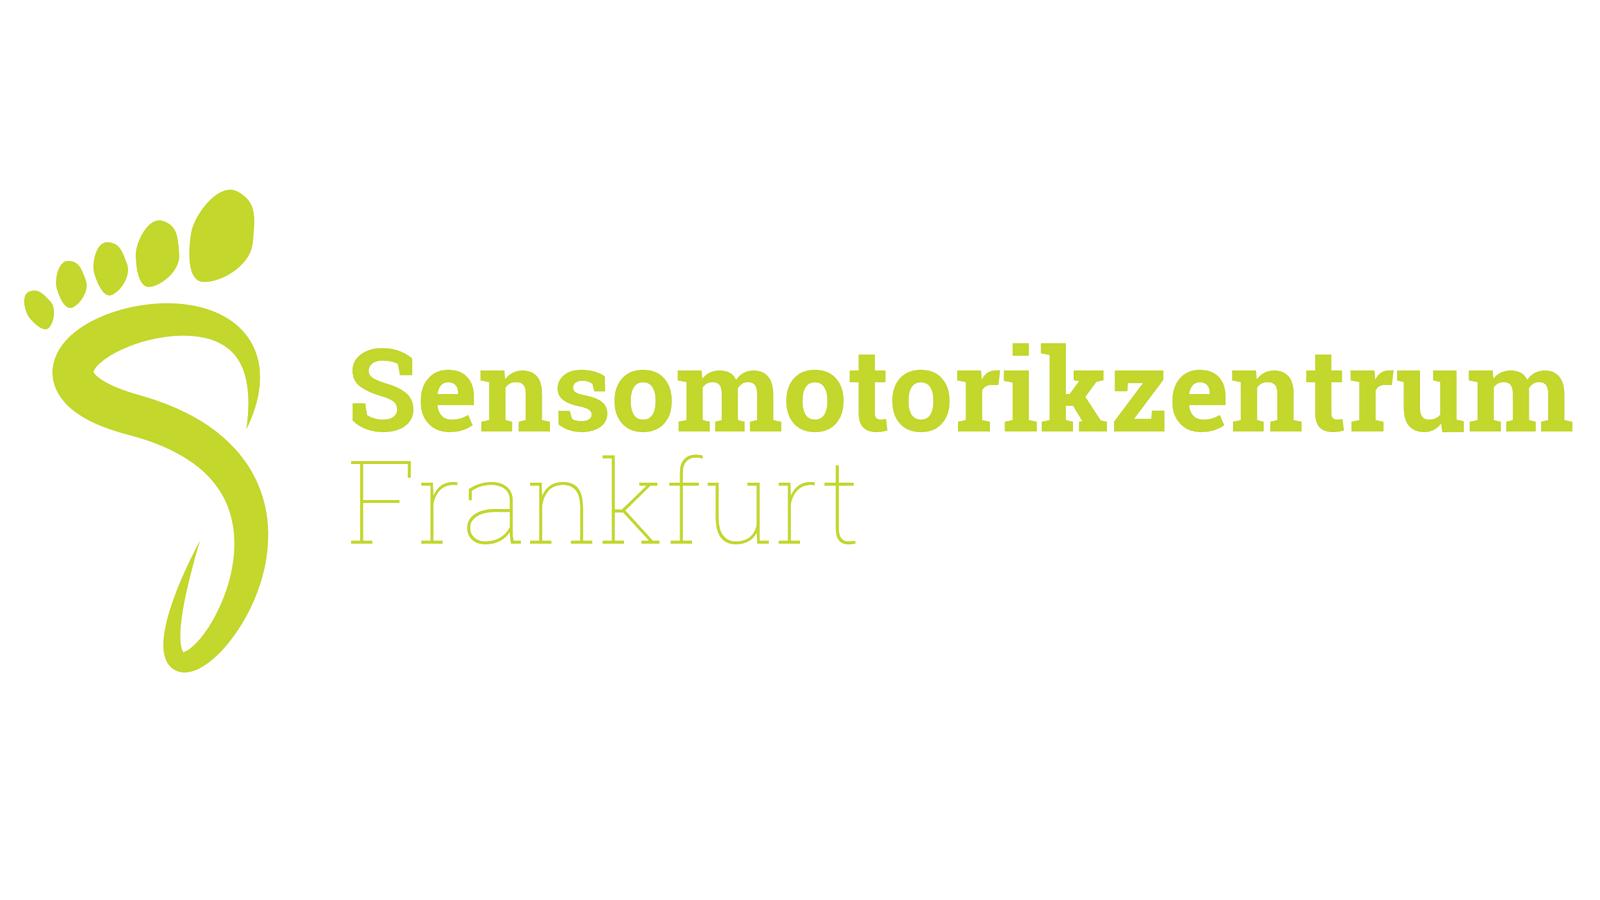 https://www.darmstadt-diamonds.de/wp-content/uploads/2018/09/Sensomotorik.png